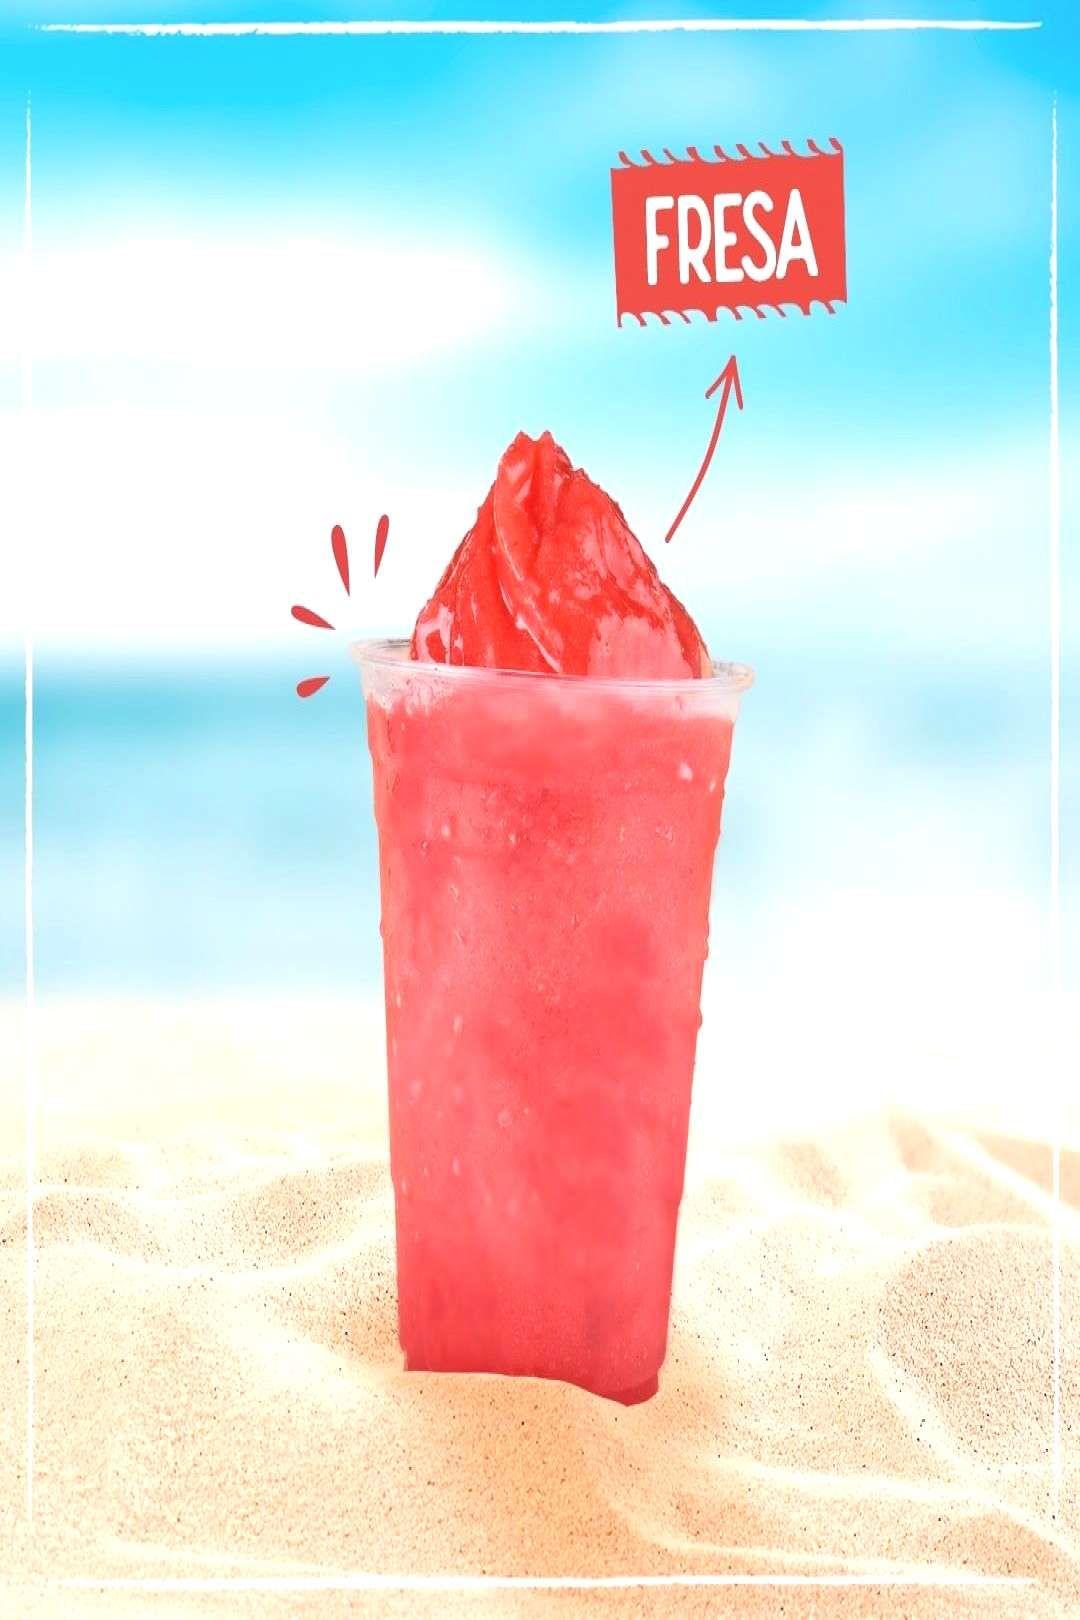 #diferente #temporada #frozen #verano #sabor #drink #vive #del #una #el #en #un ¡El sabor del verano en un frozen! Vive una temporada diferente You can find Frozen drink and more on our website.¡El sabor del verano en un frozen! Vive...